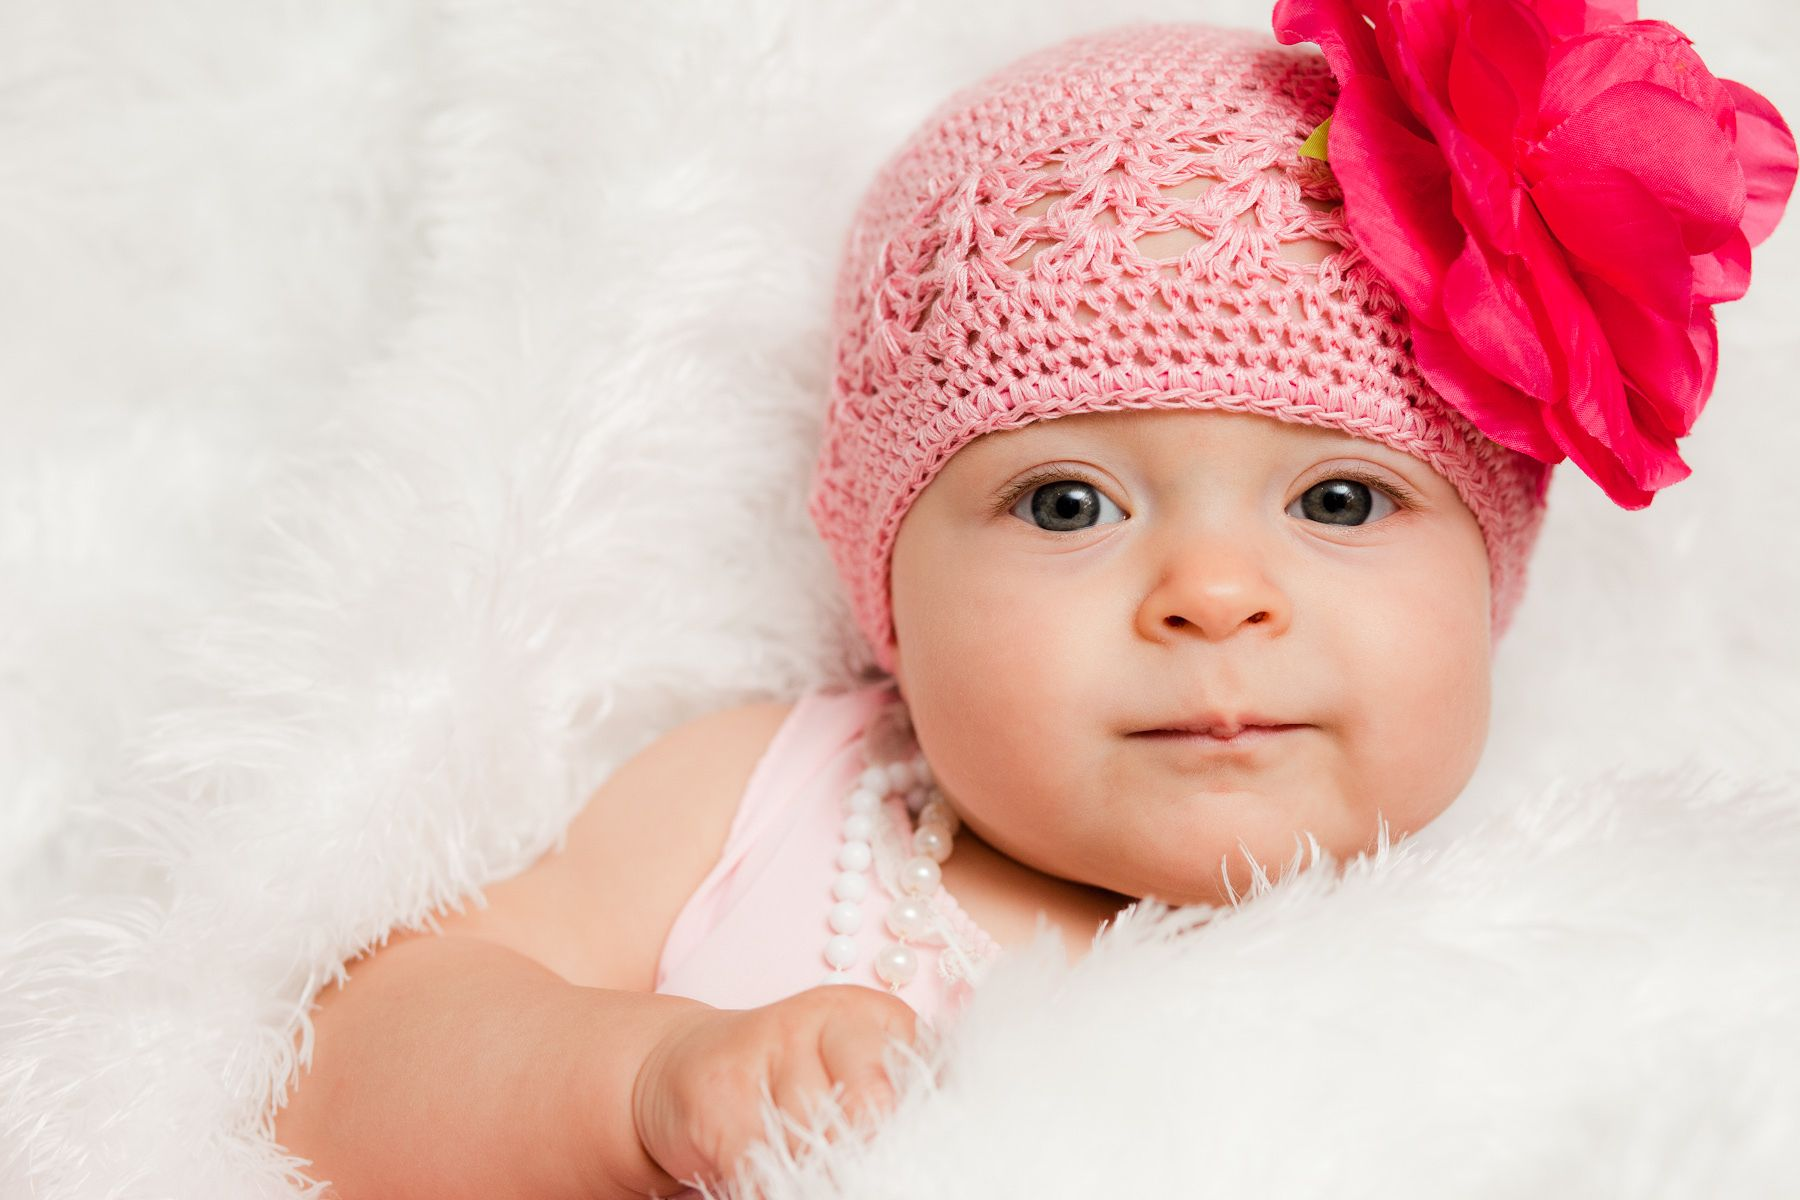 she's so cute #baby #photography | tiny treasures | pinterest